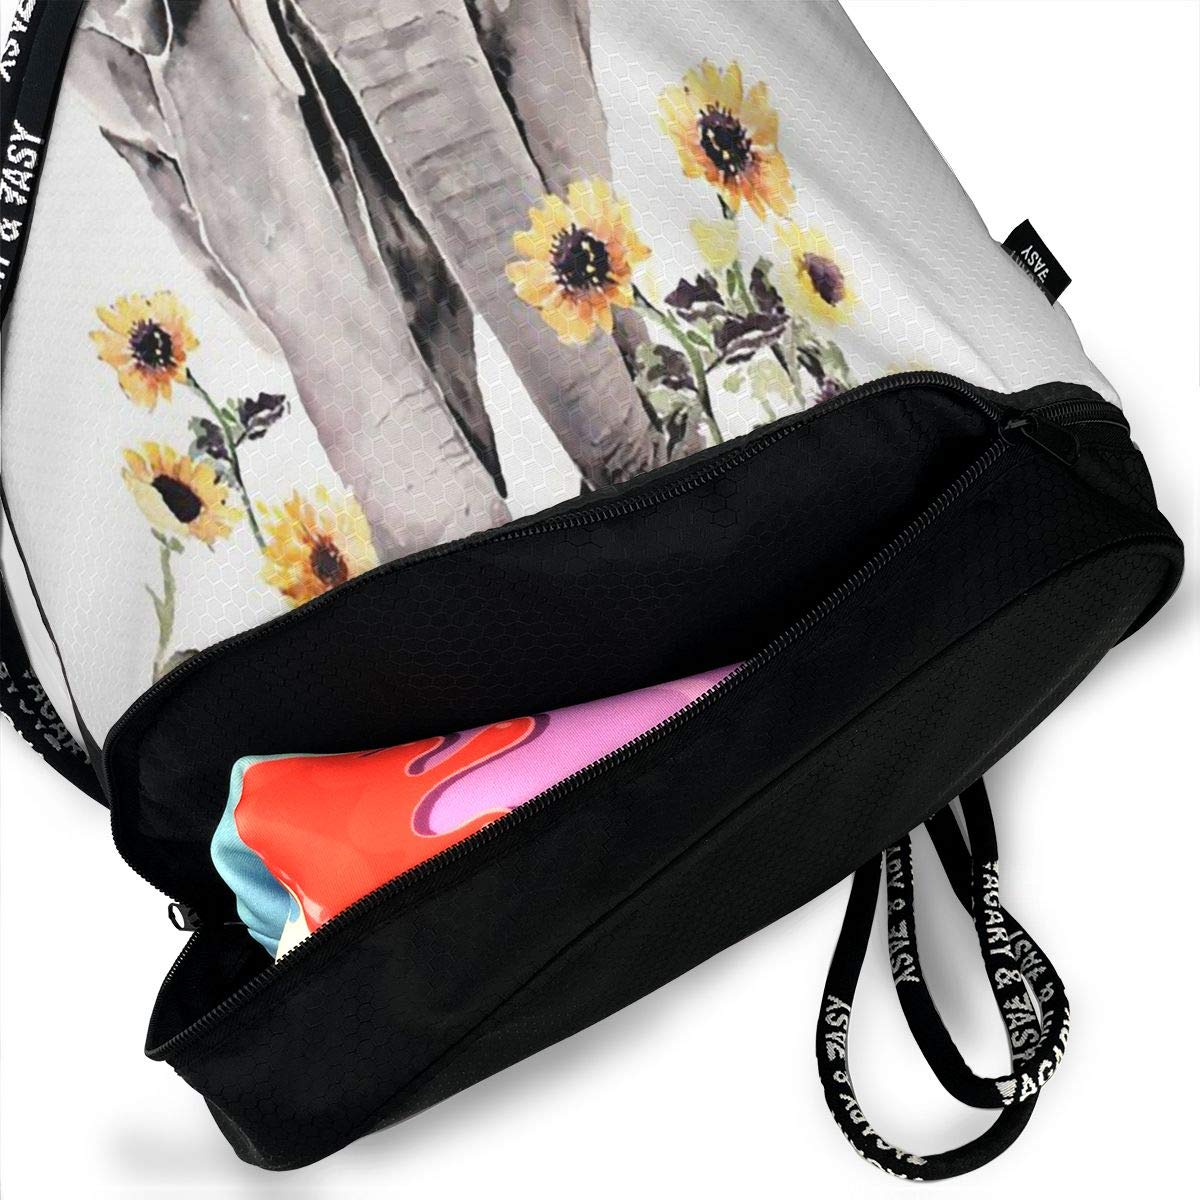 Elephant And Sunflower Multifunctional Bundle Backpack Shoulder Bag For Men And Women